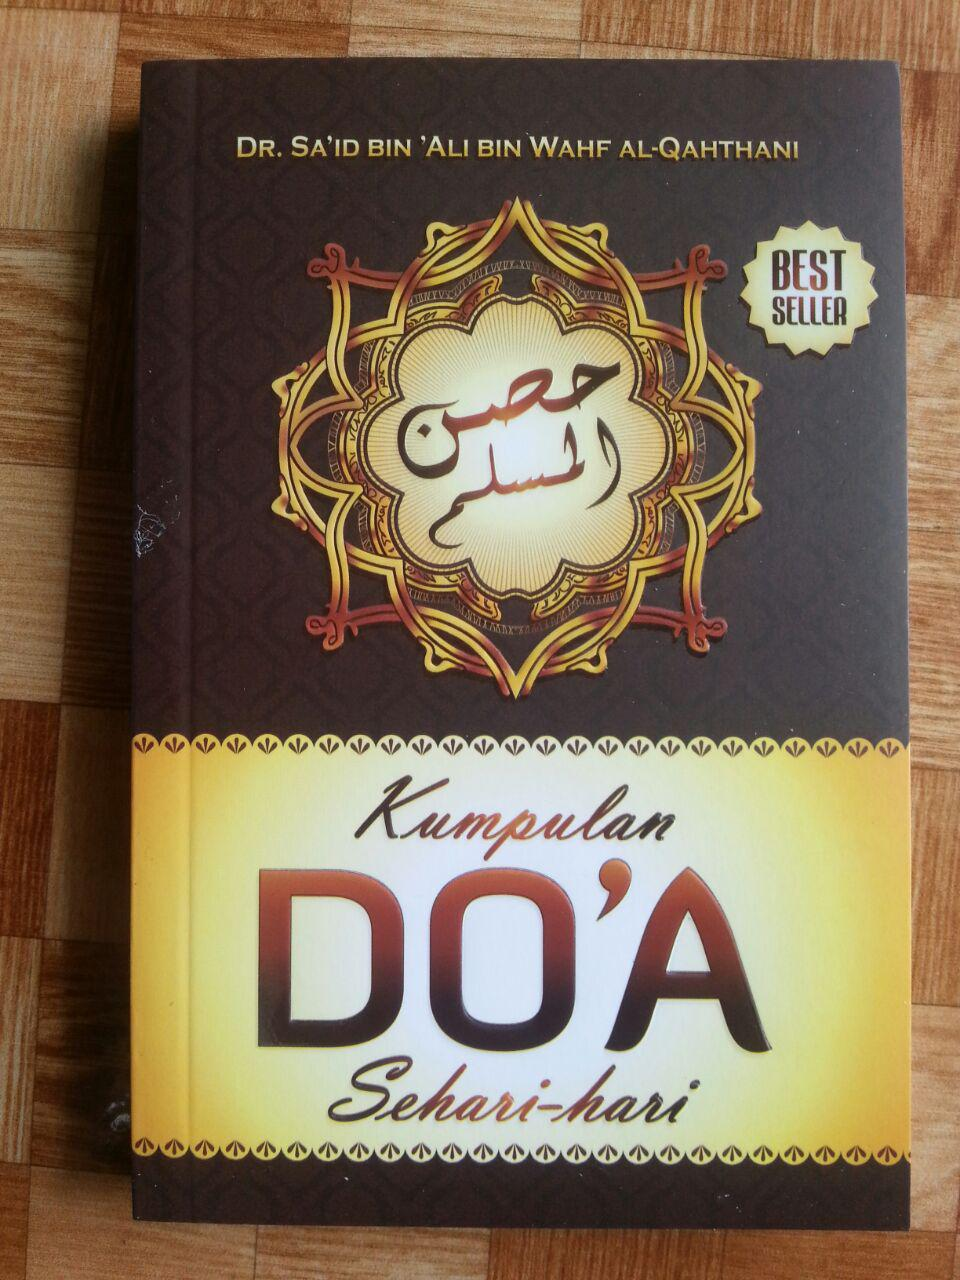 Buku Saku Hishnul Muslim Kumpulan Doa Sehari-Hari cover 2